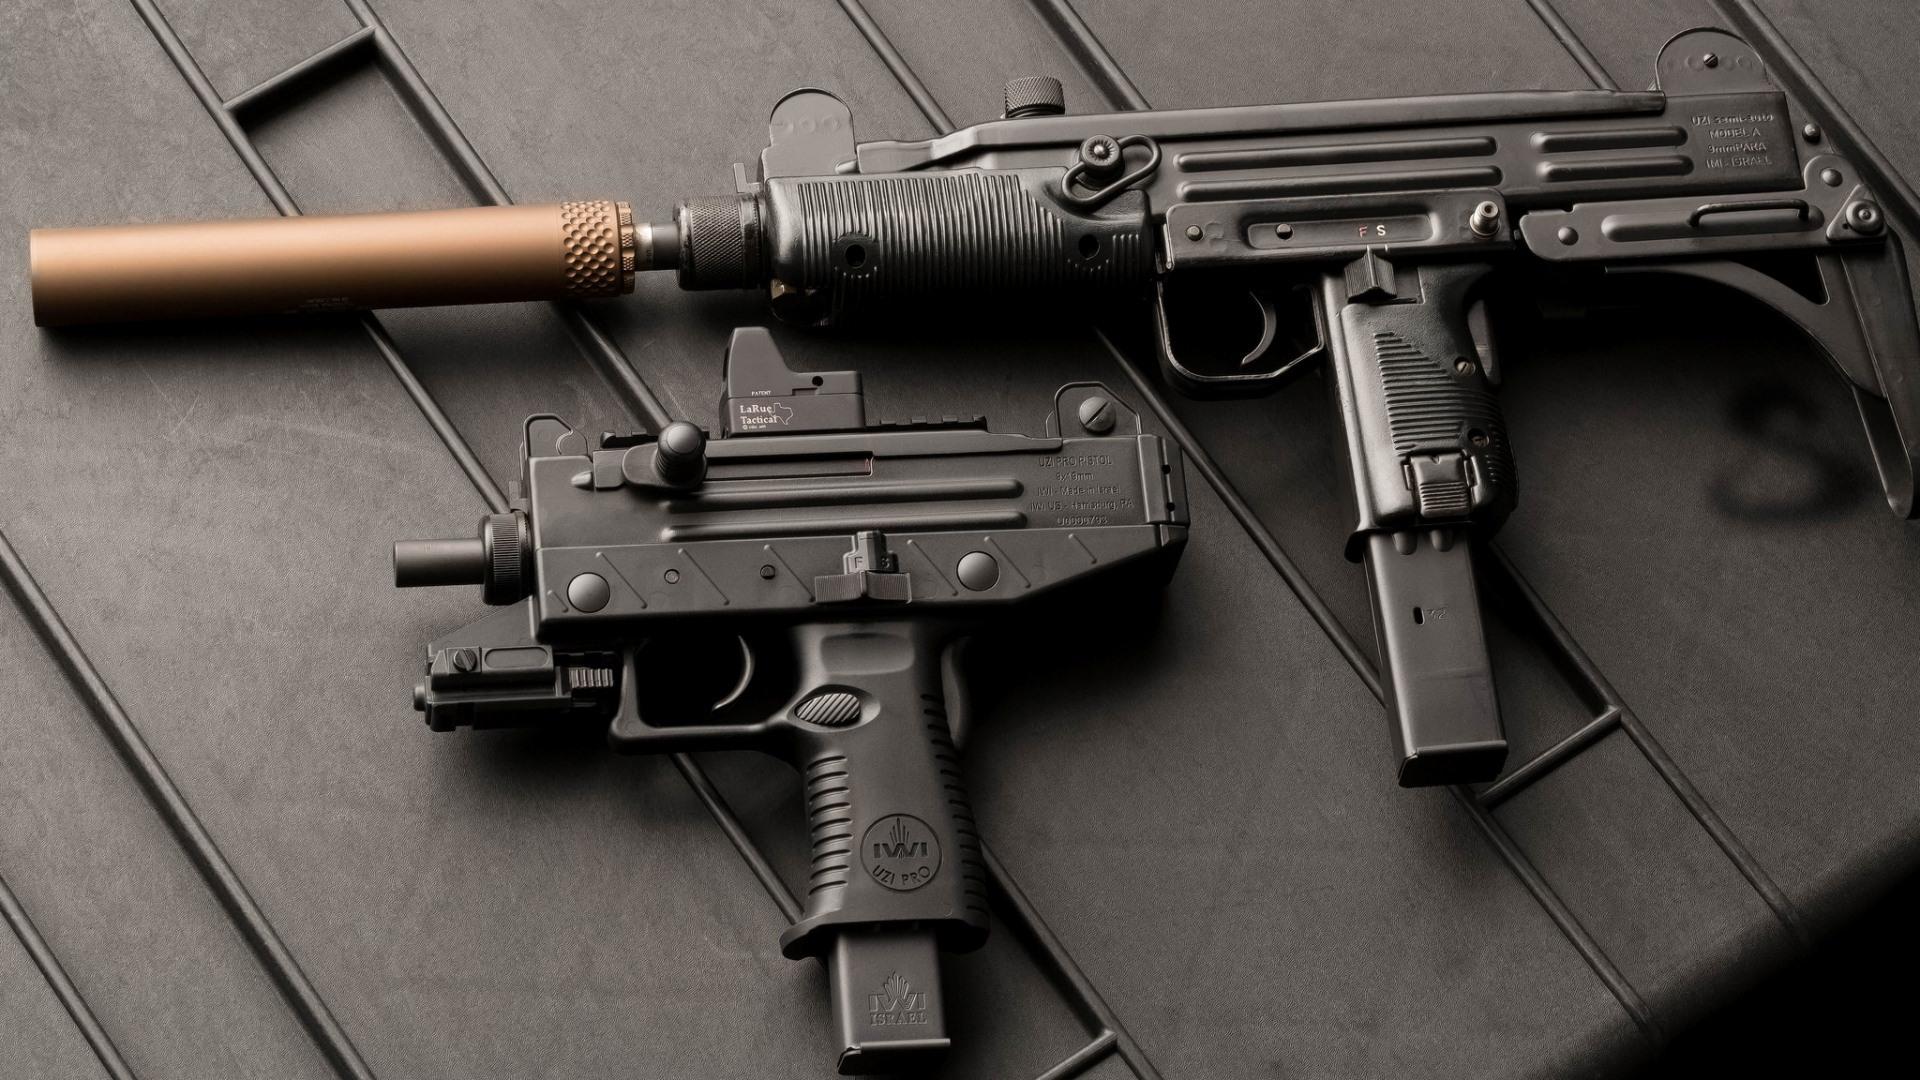 壁紙 ウジの機関銃 武器 1920x1080 Full Hd 2k 無料のデスクトップの